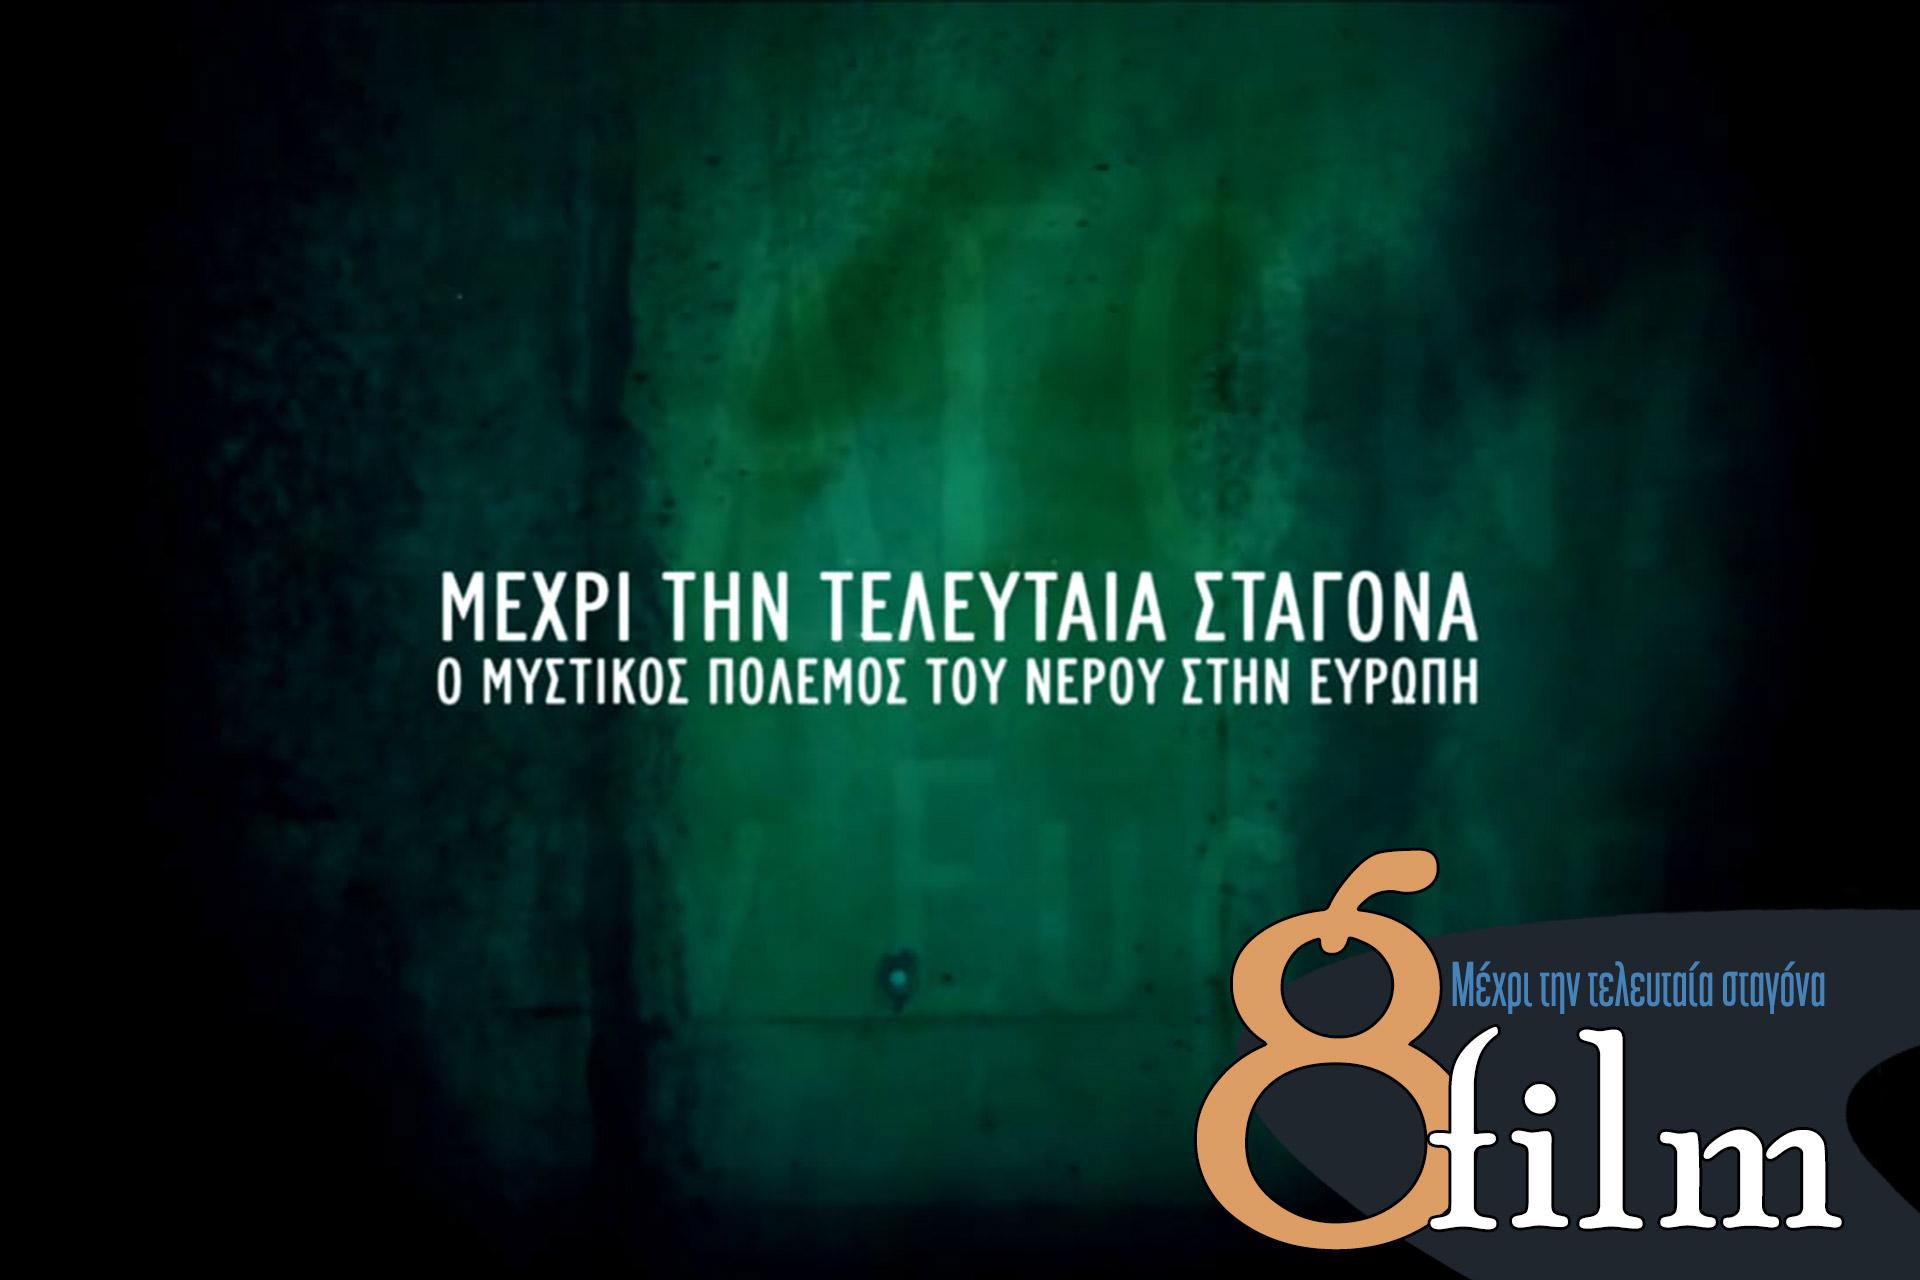 8film-MEXRI-THN-TELEYTAIA-STAGONA